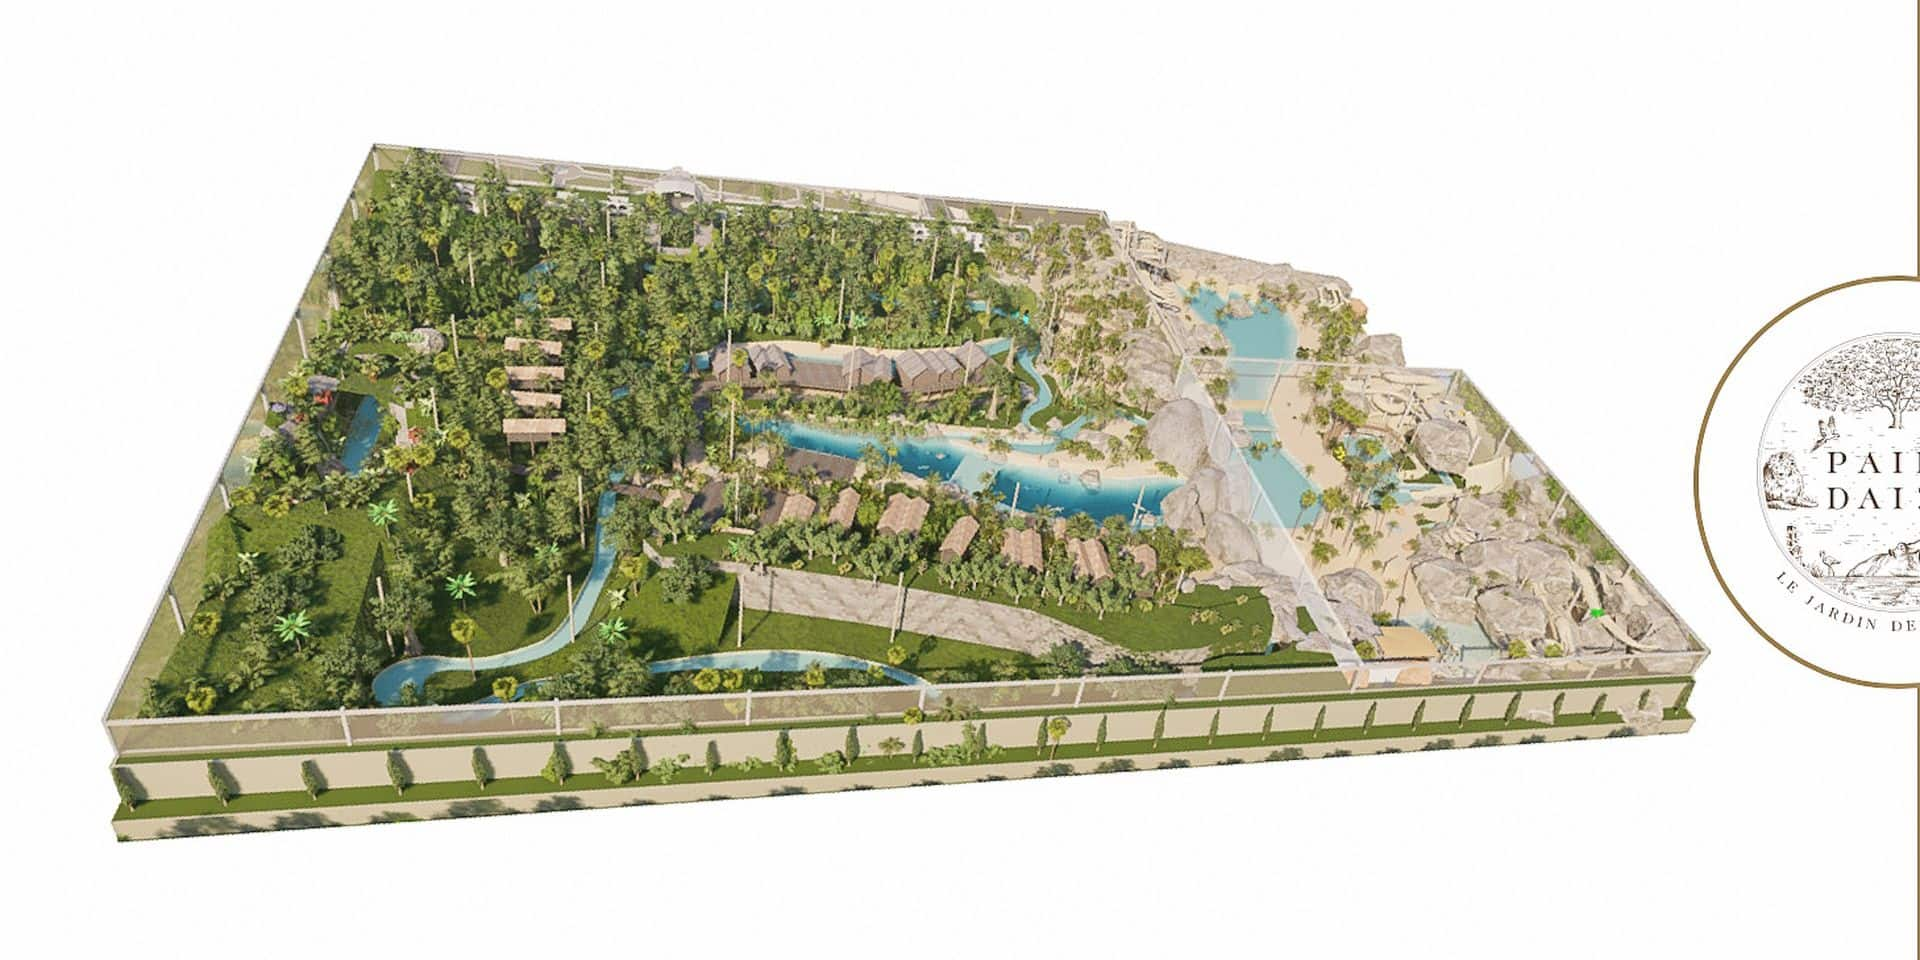 Pairi Daiza va bâtir une gigantesque serre tropicale